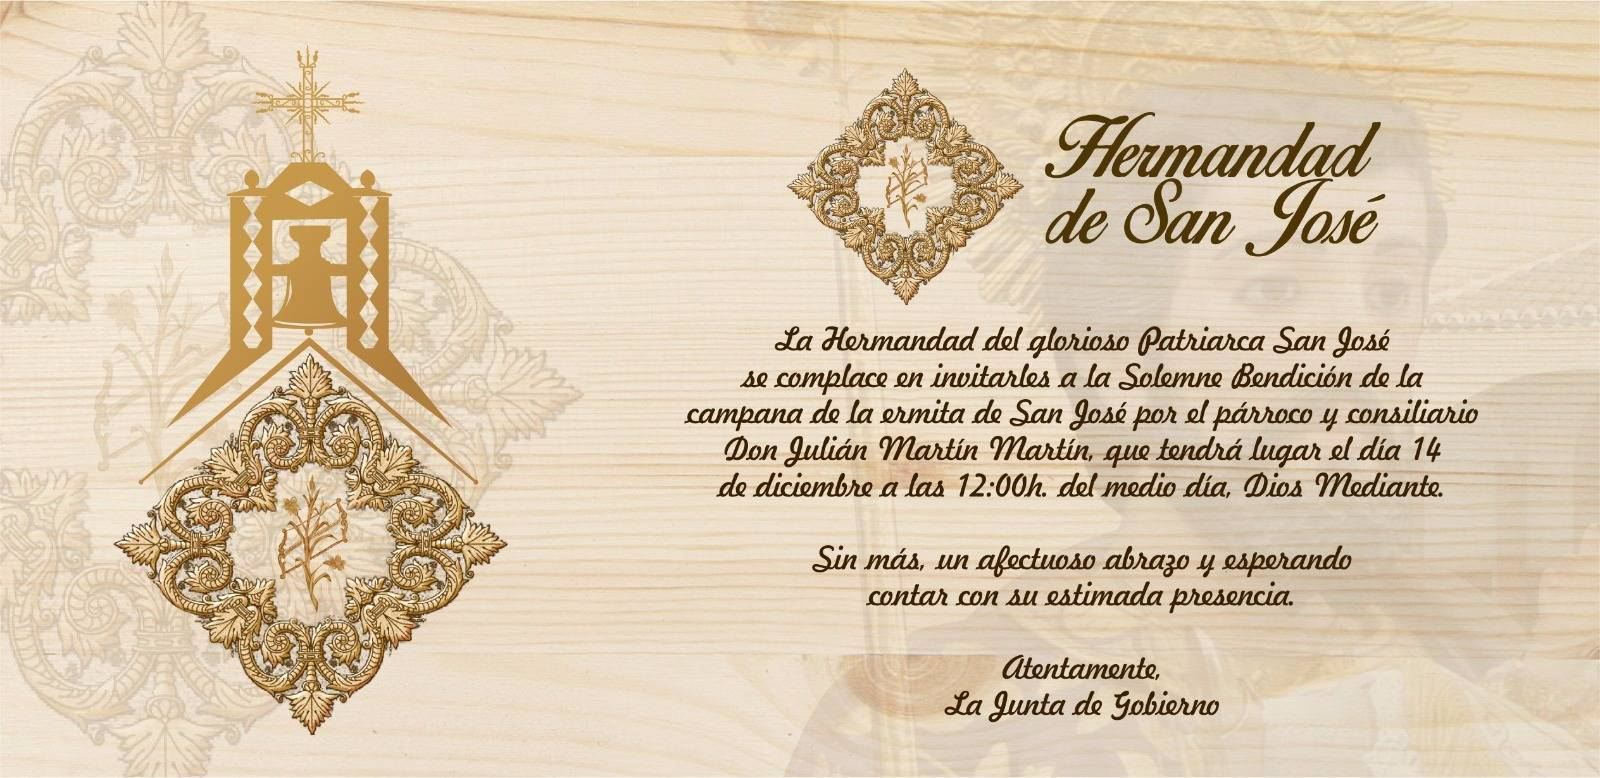 Nueva campana para la ermita de San José 5